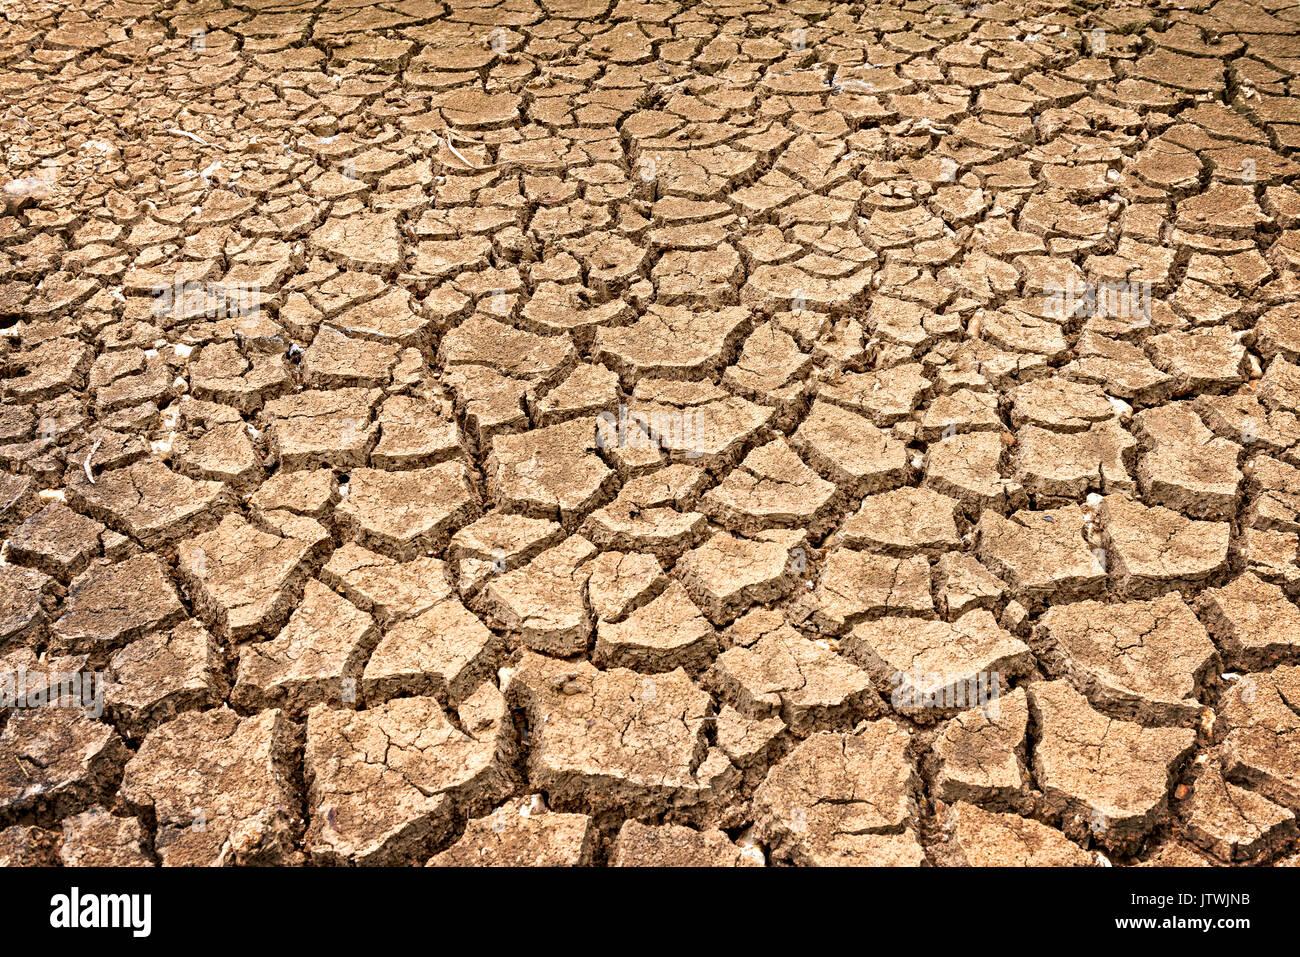 Braune Textur der Polygone der Austrocknung durch Dürre verursachten Stockbild